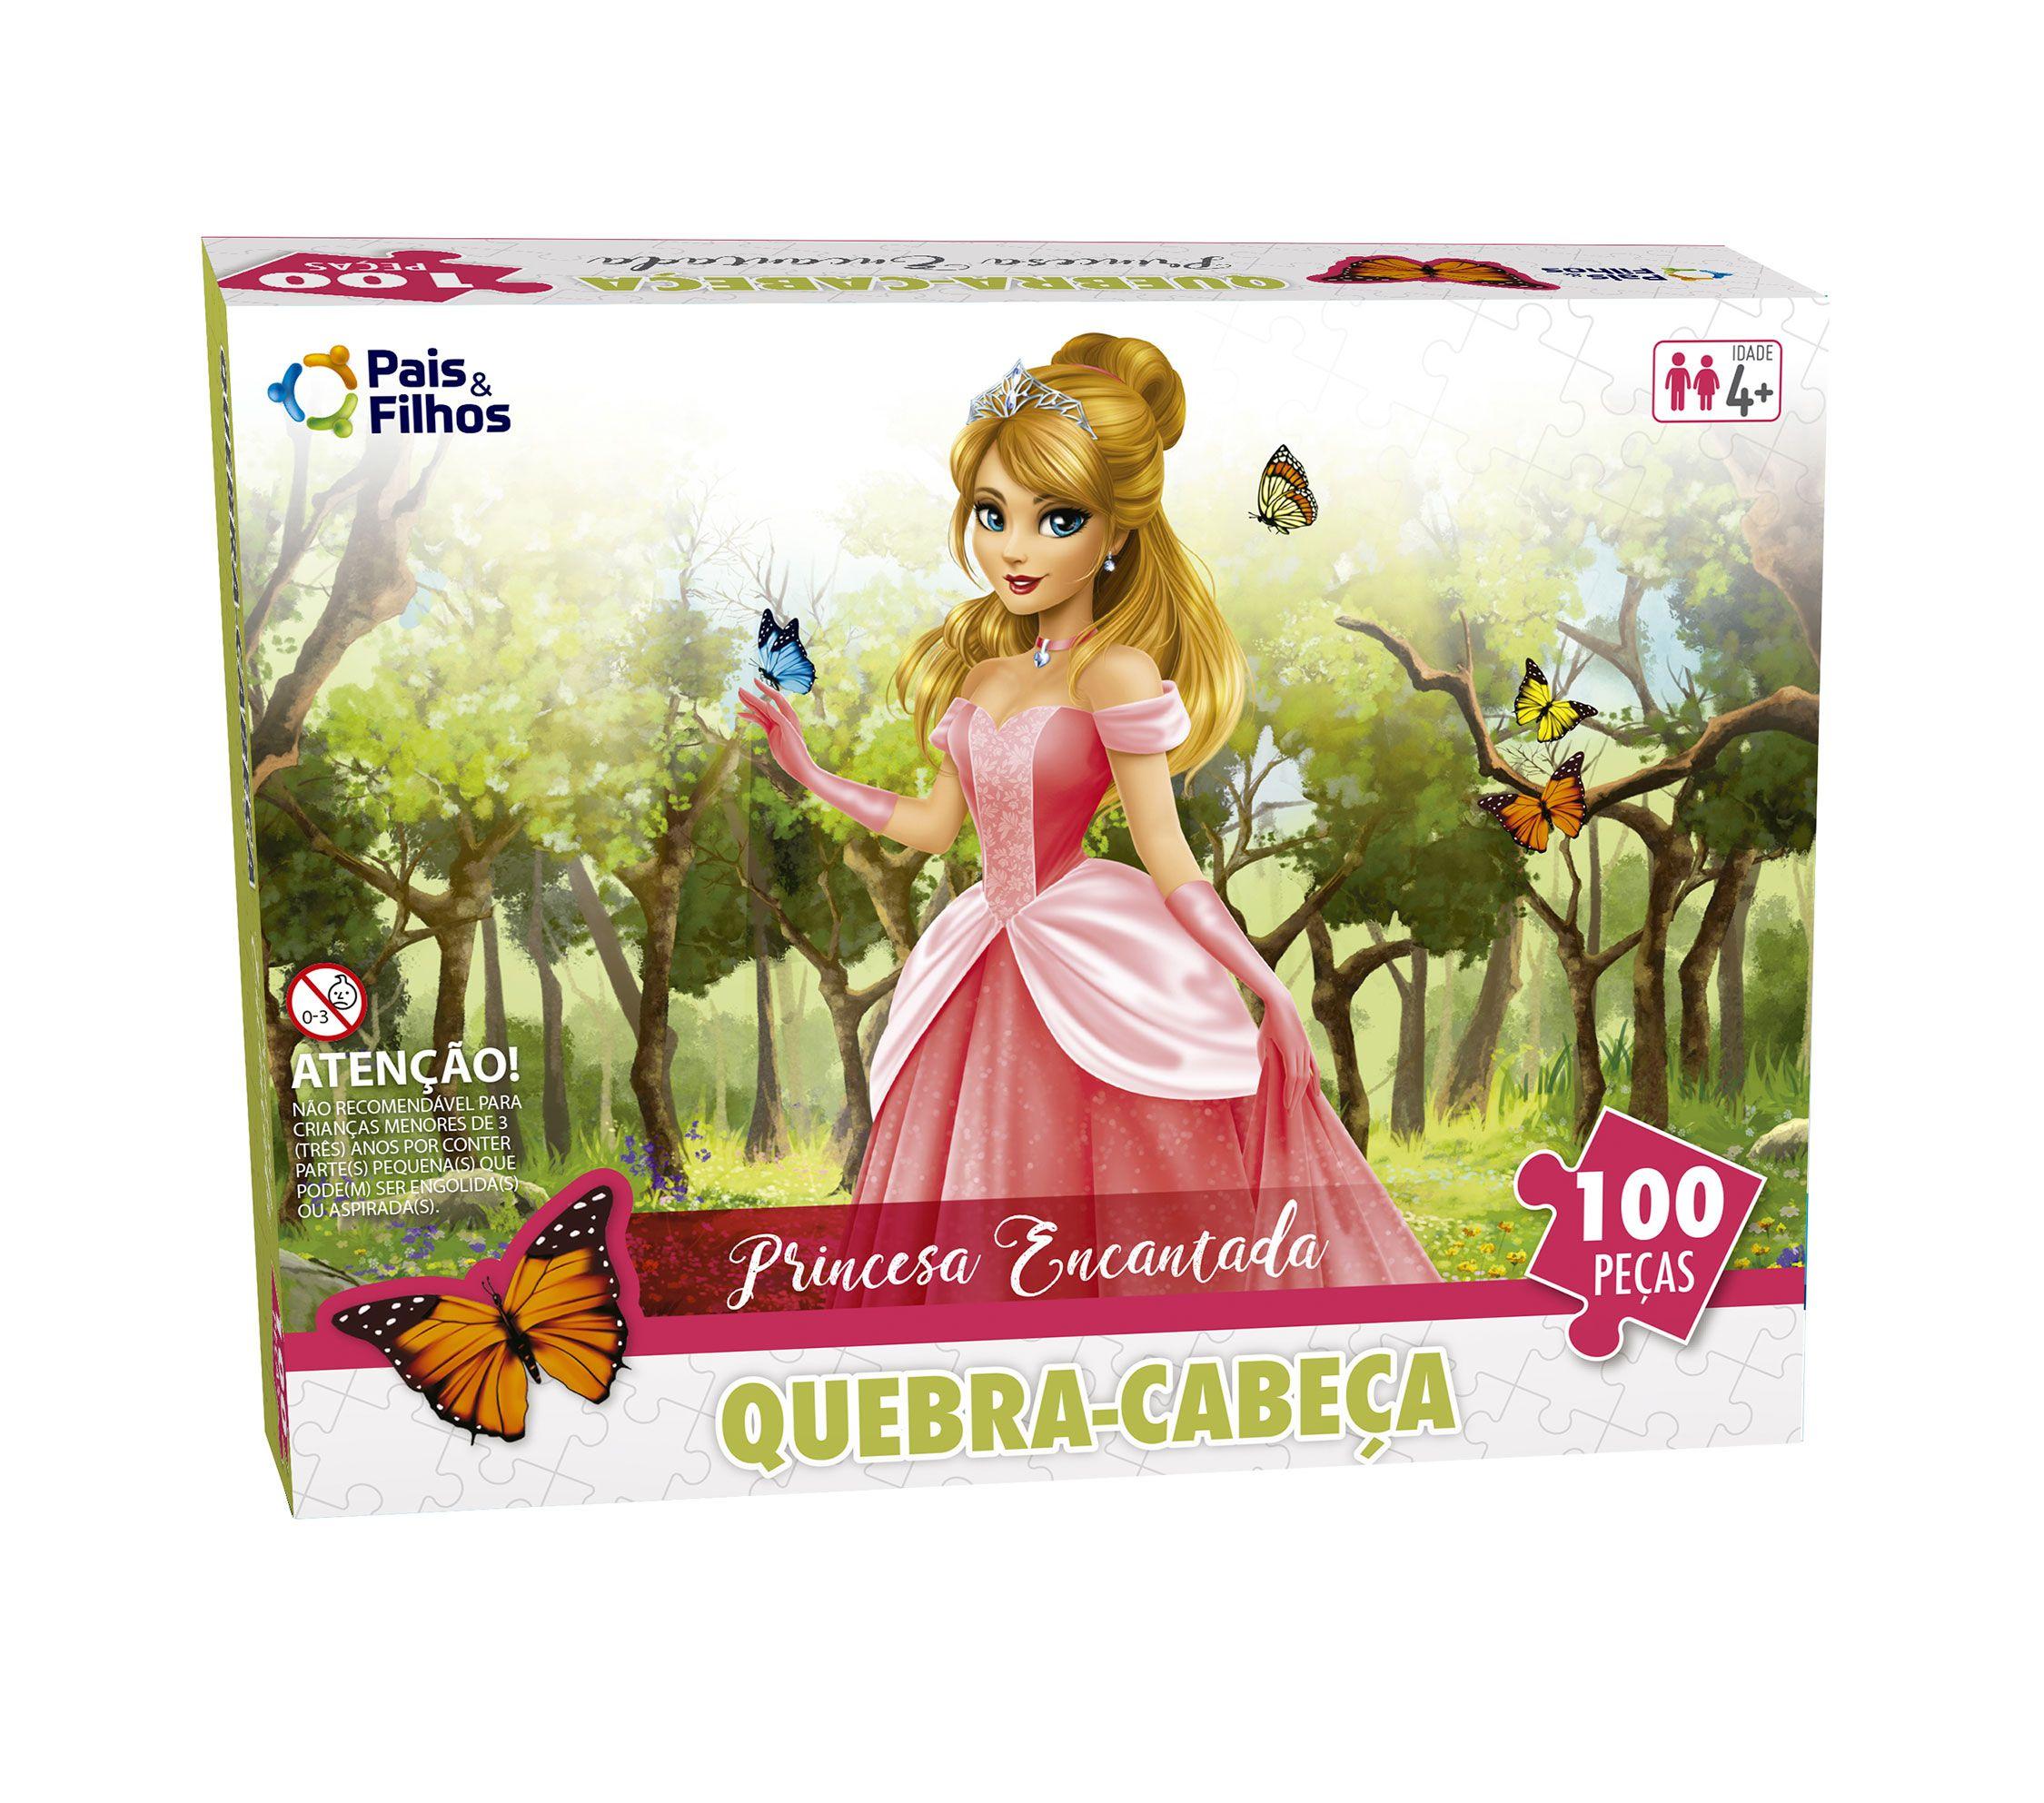 Quebra-Cabeça - Princesa Encantada 100 peças-2177